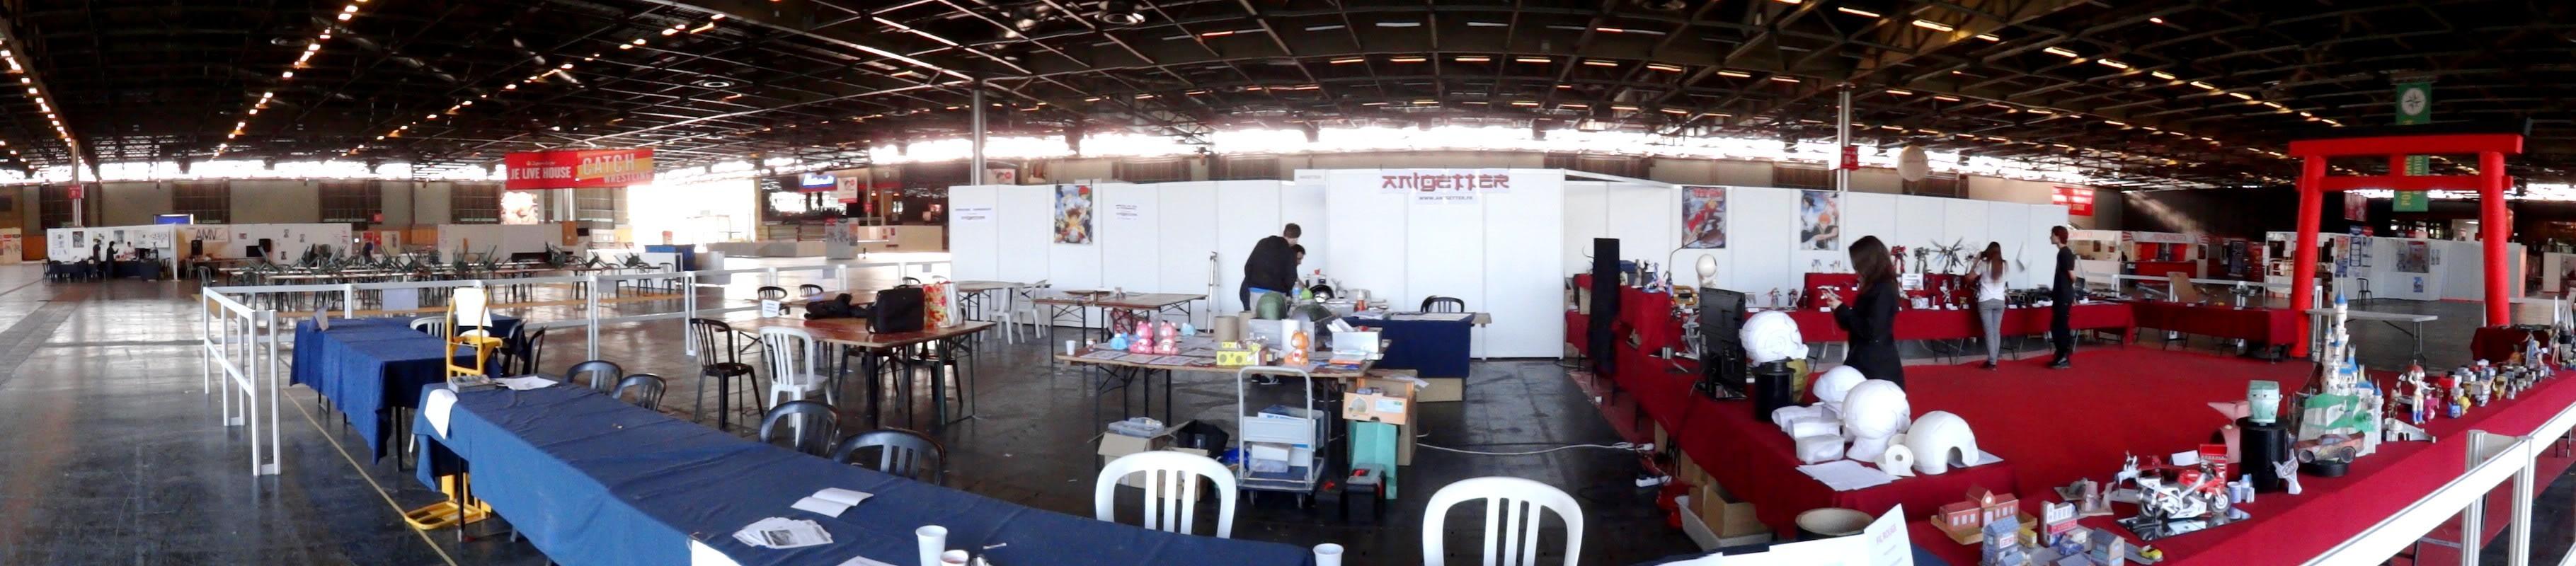 Japan Expo 2011 : 4 jours de surprises sur le stand ANIGETTER (compte-rendu & photos-vidéos) Anigetter-JE2011-Panoramic_180